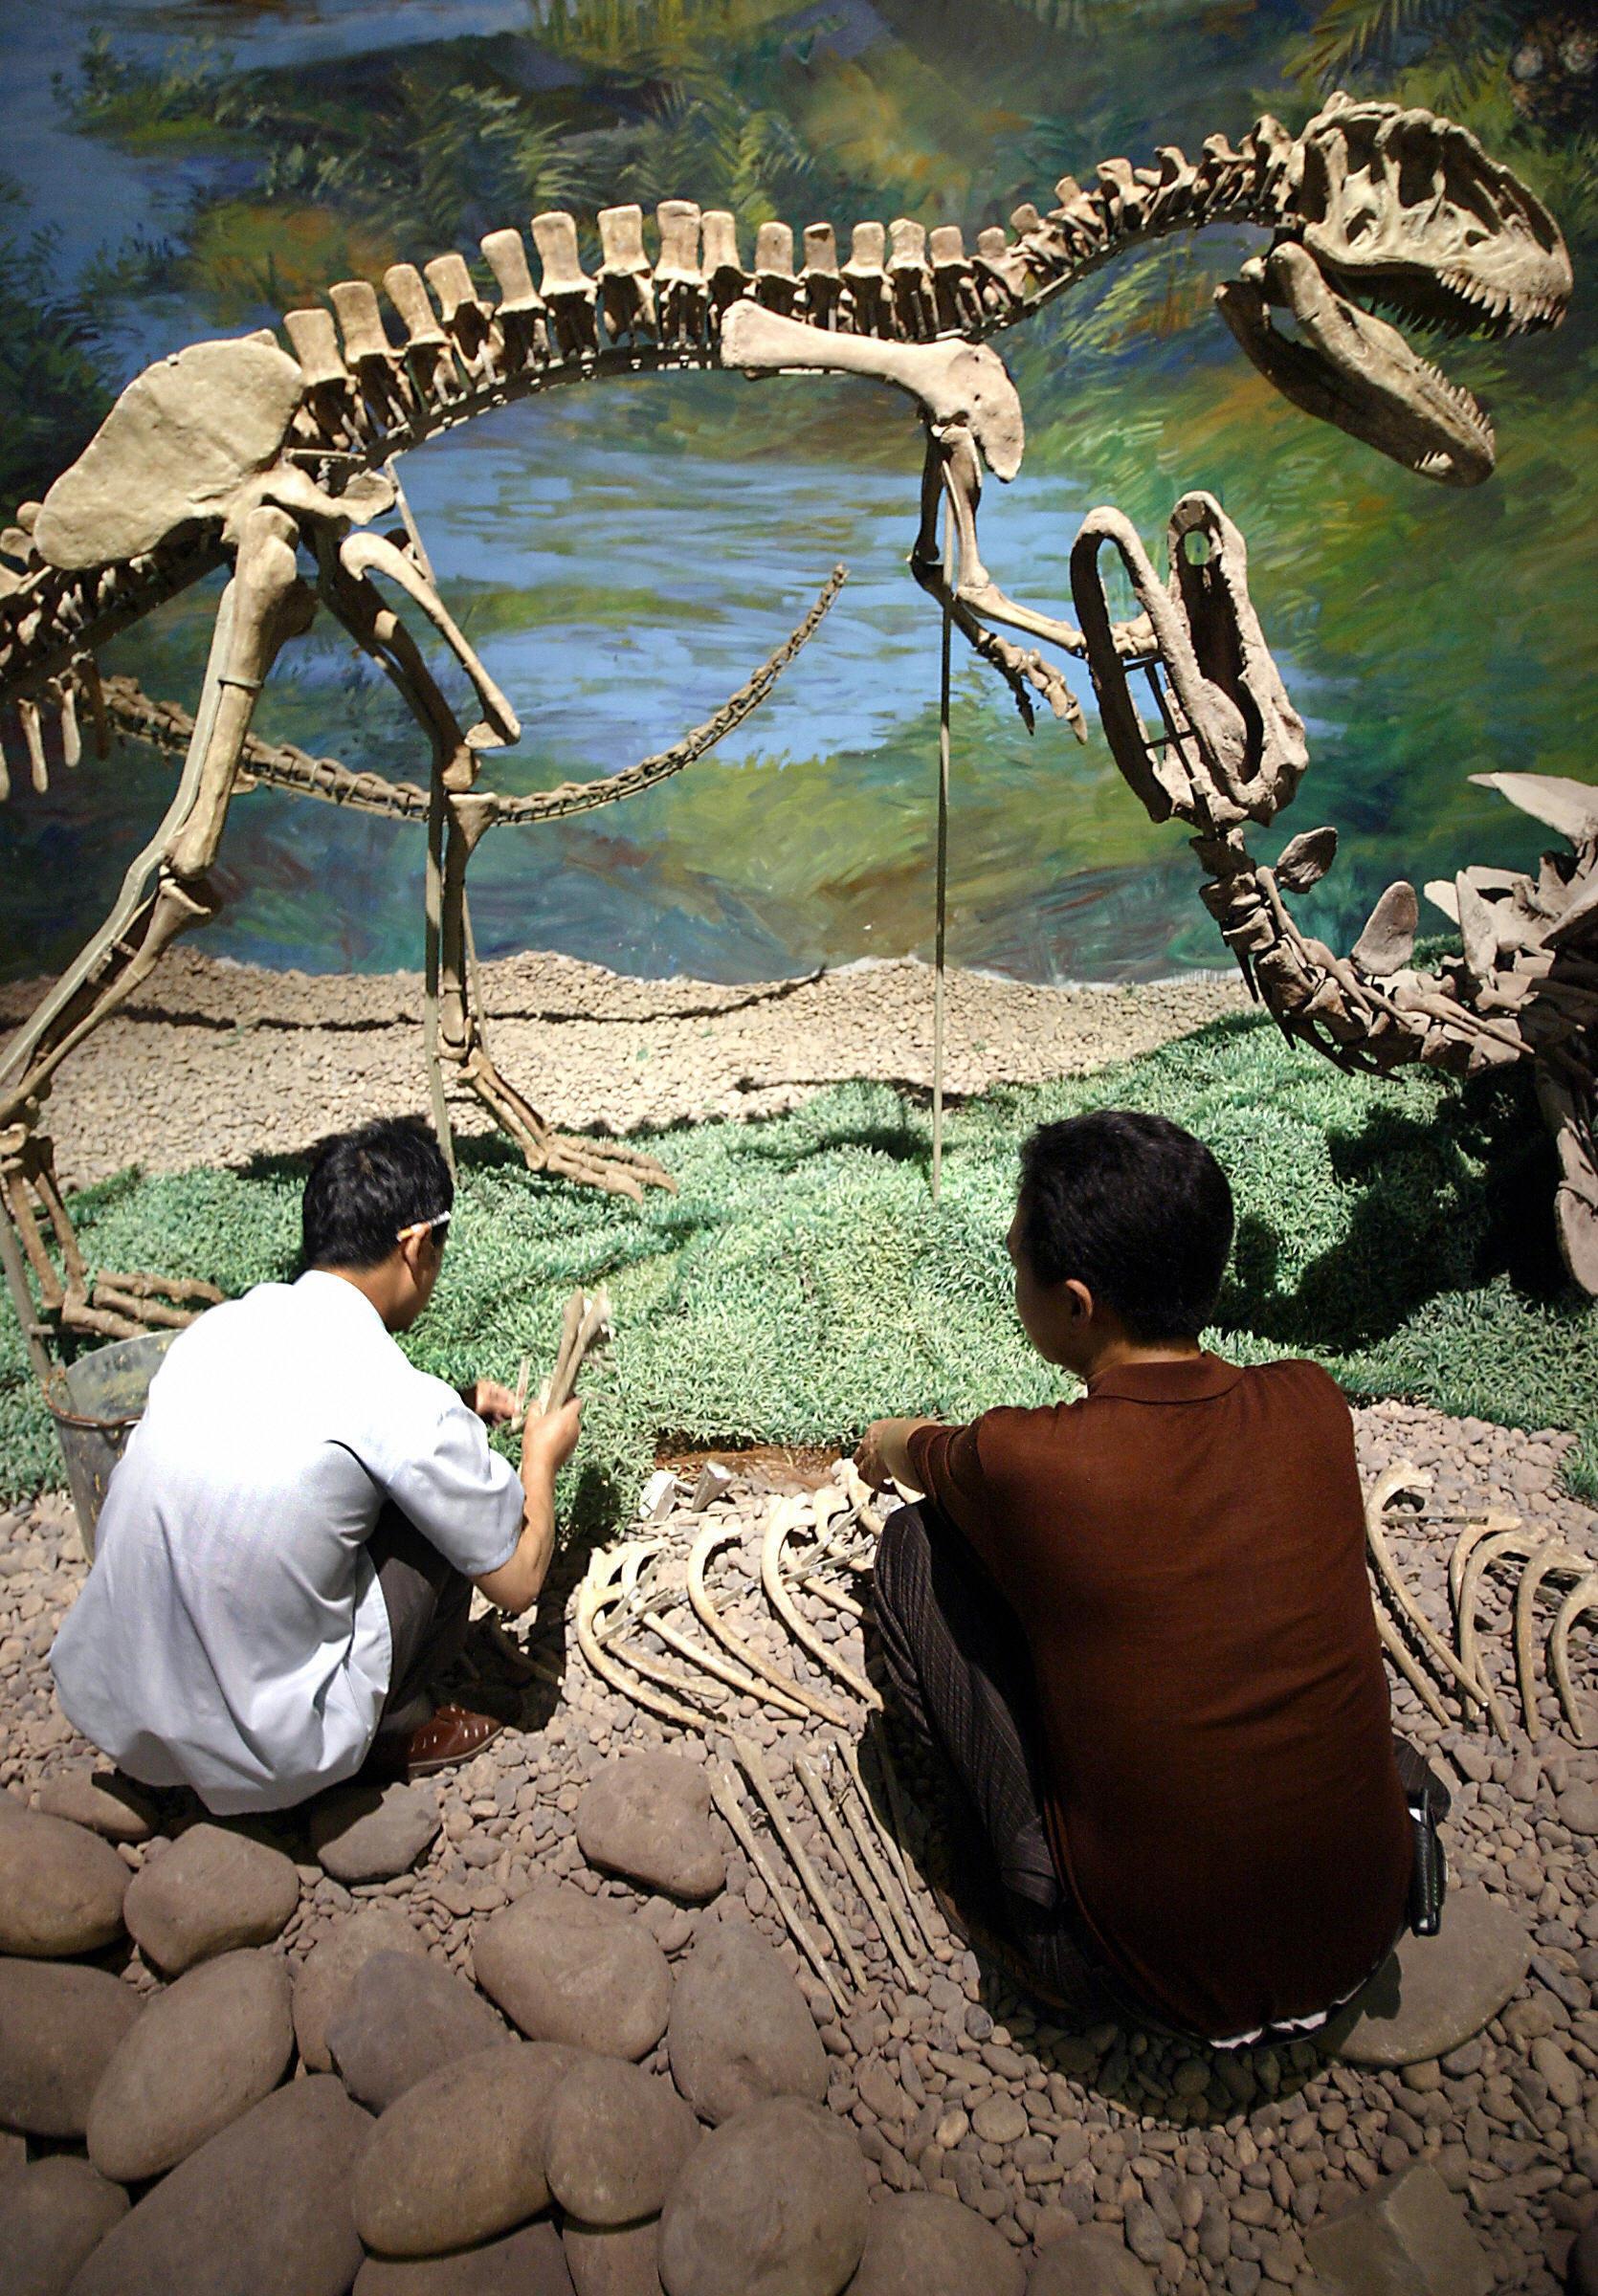 Riesiges Dinosauriergrab in Asien entdeckt